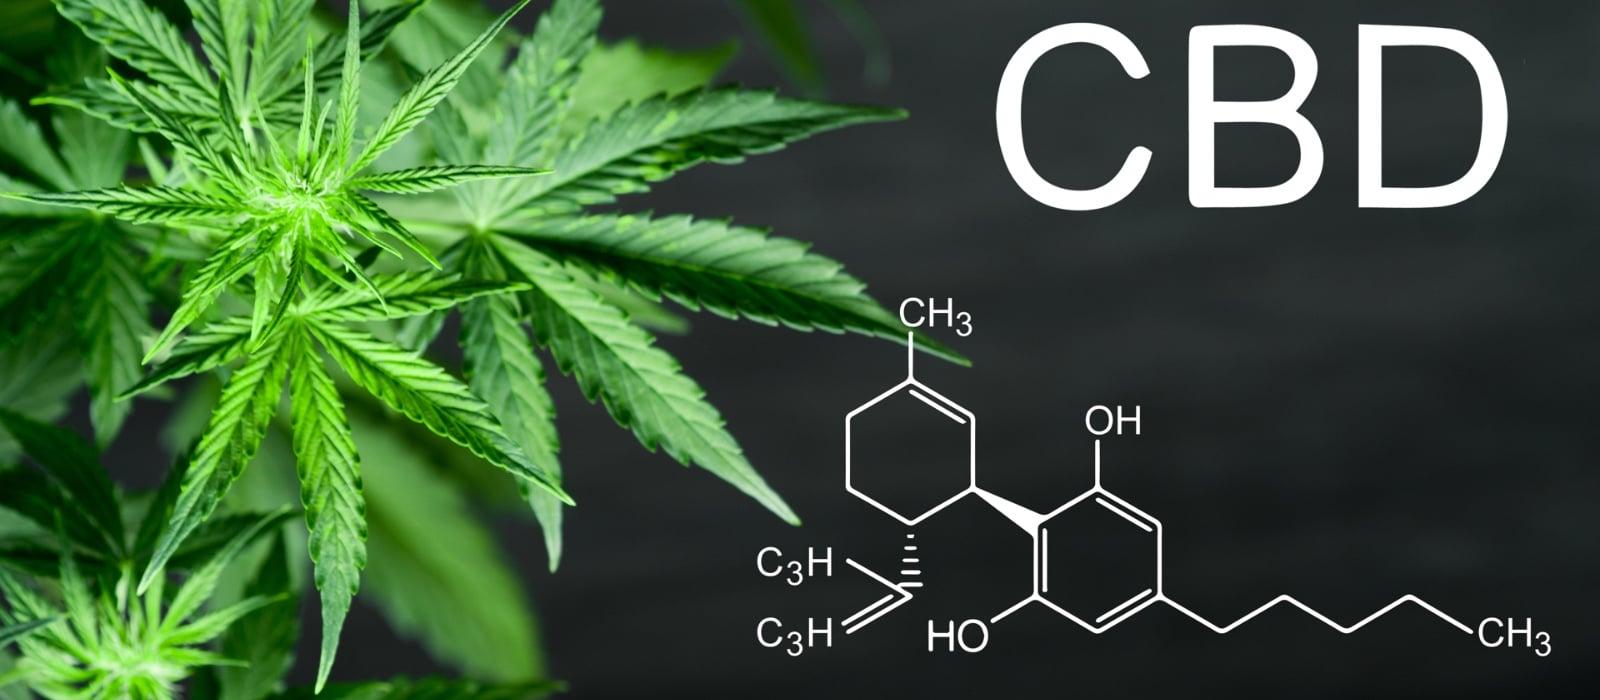 Was ist mit den therapeutischen und medizinischen Vorteilen von CBD?